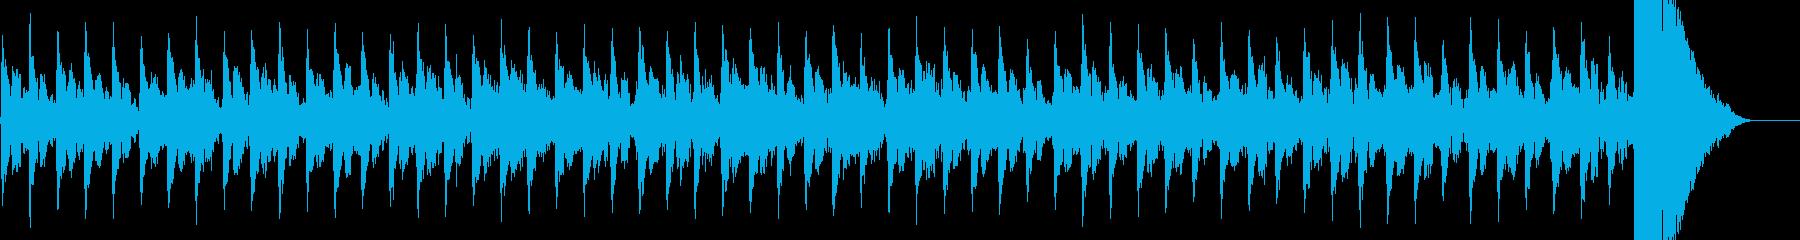 「1分カウント3」+お化けフレーズの再生済みの波形